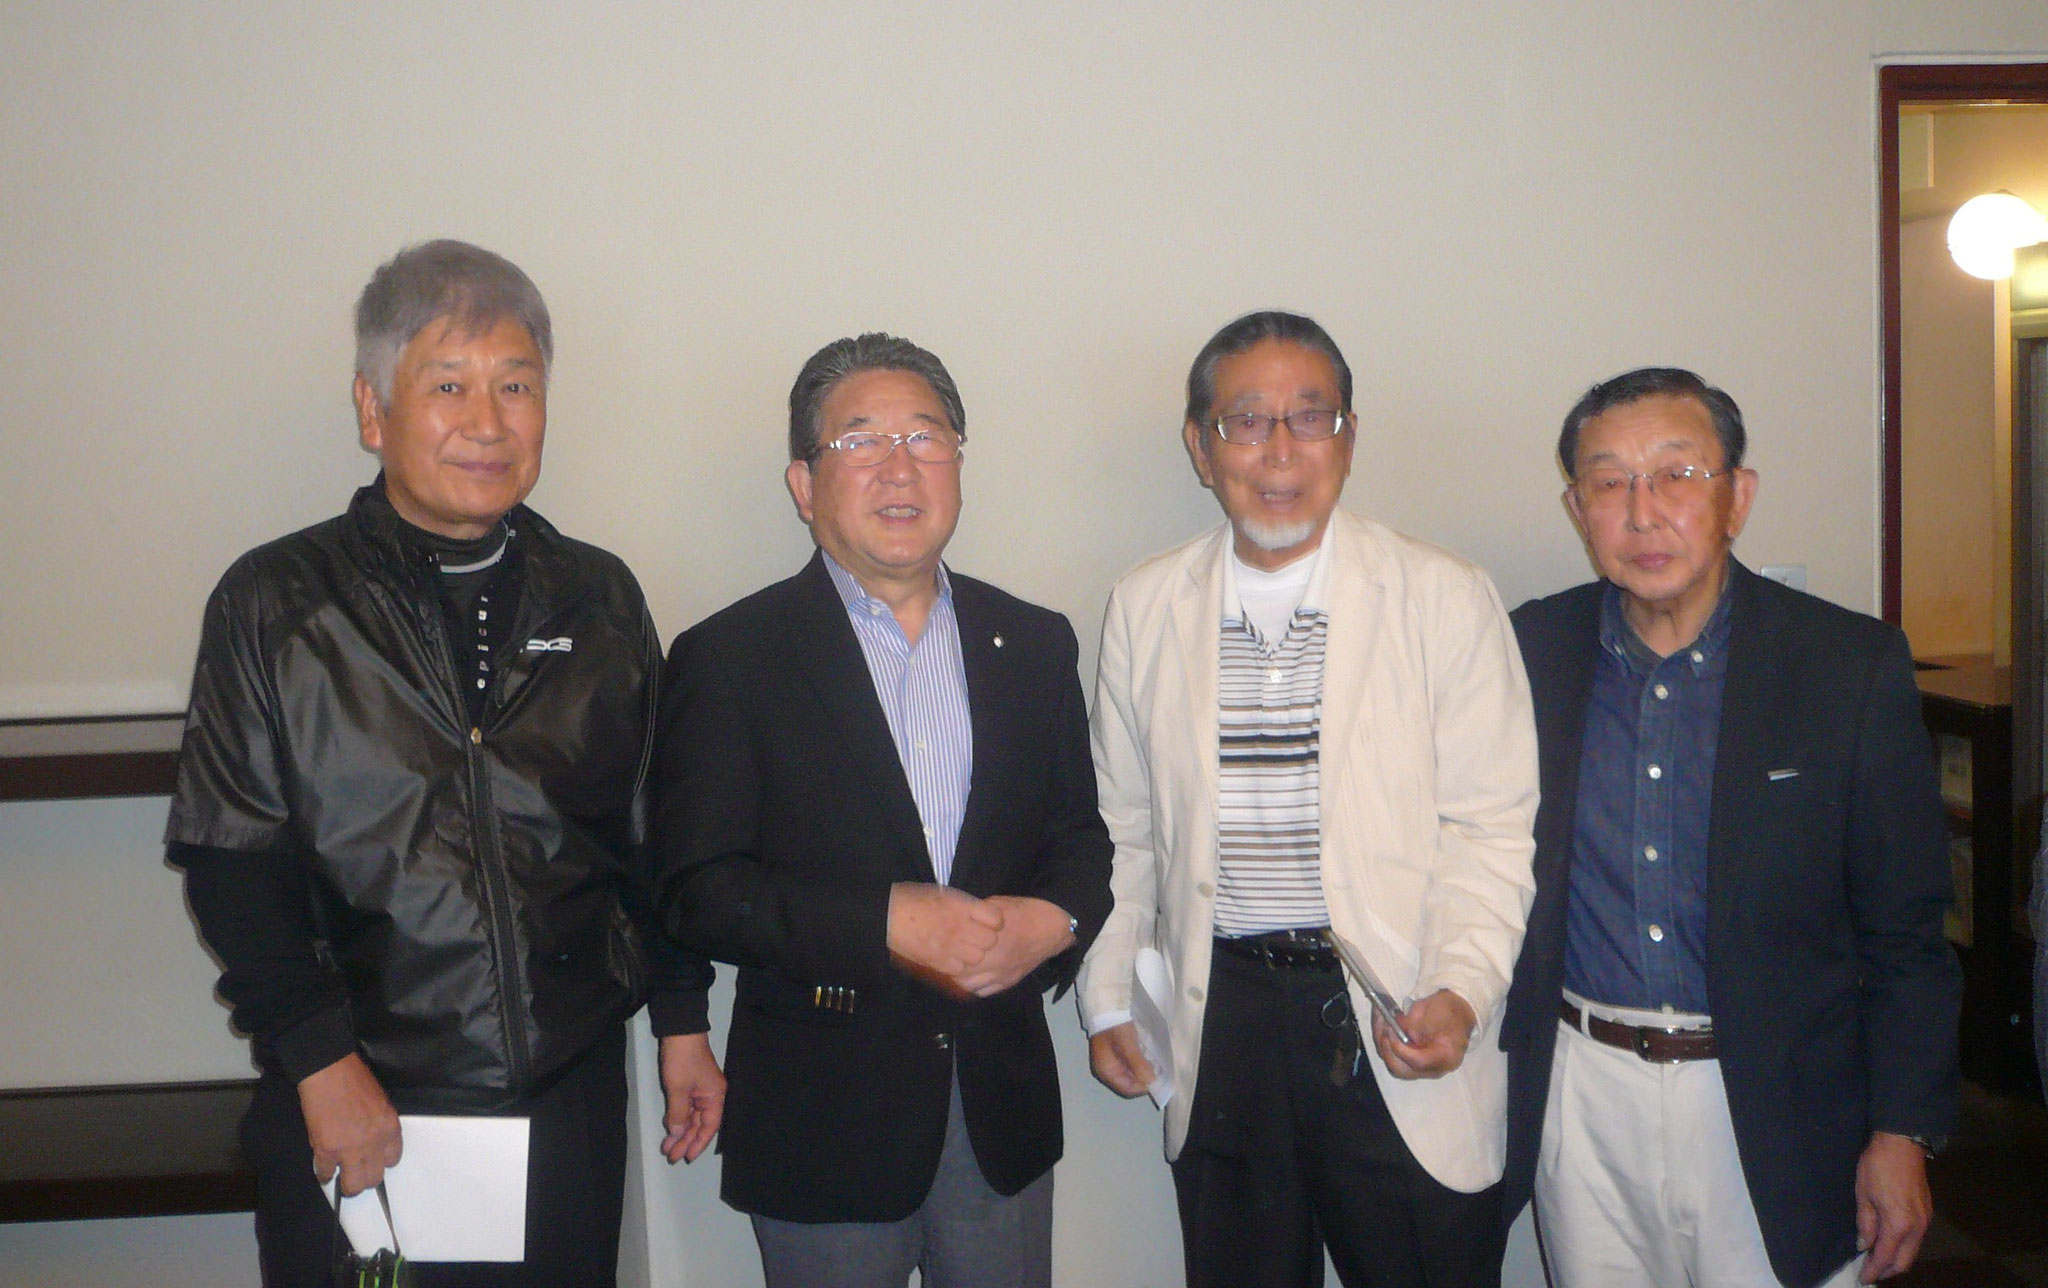 徳光さん旧友中村さんとアウト1組だったのに